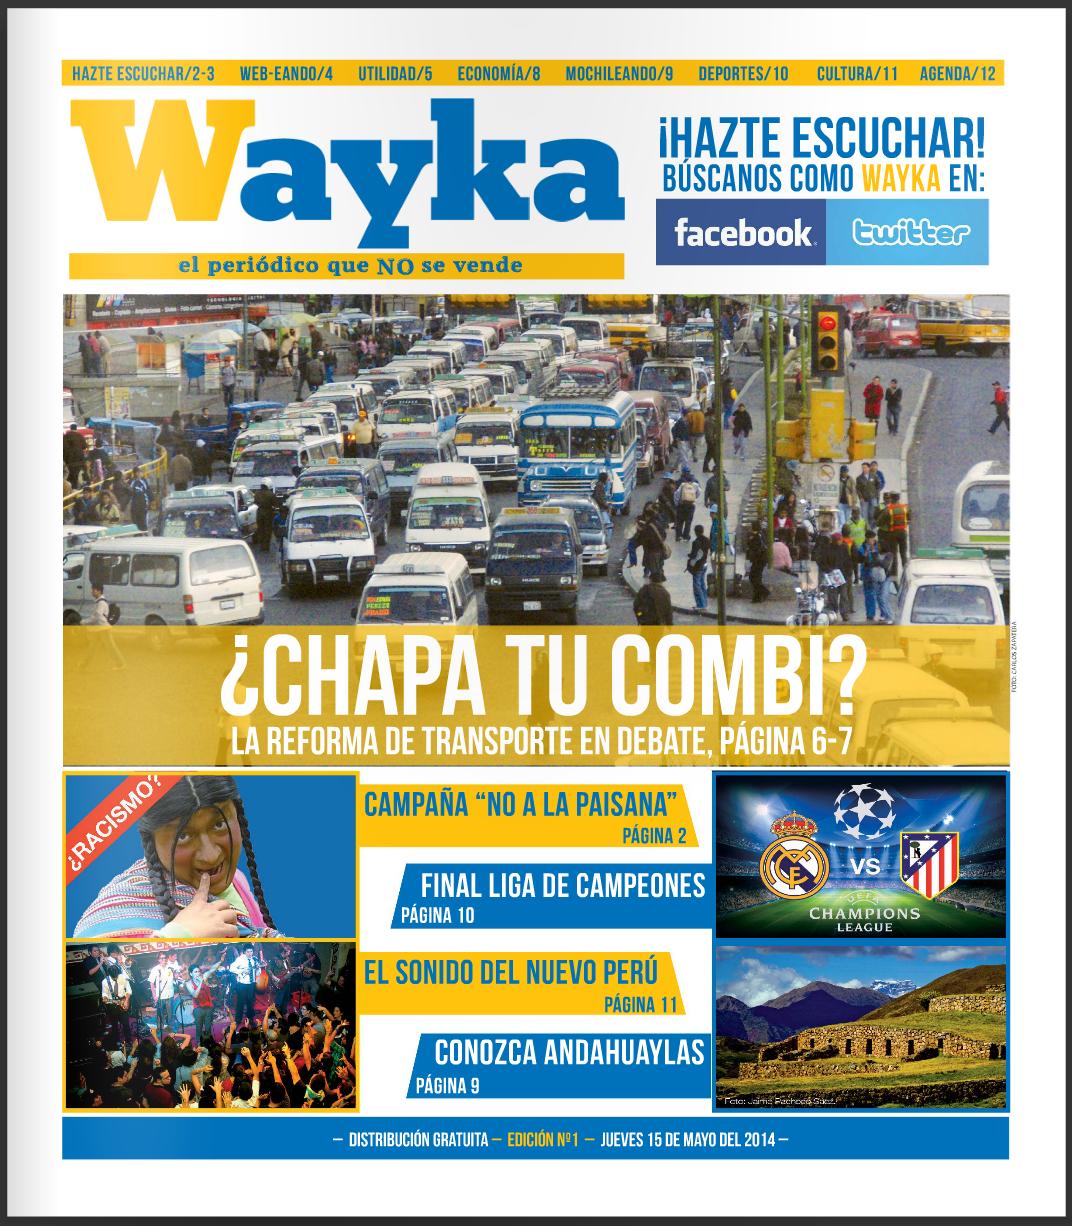 Edición #1: La Reforma de Transporte en Debate